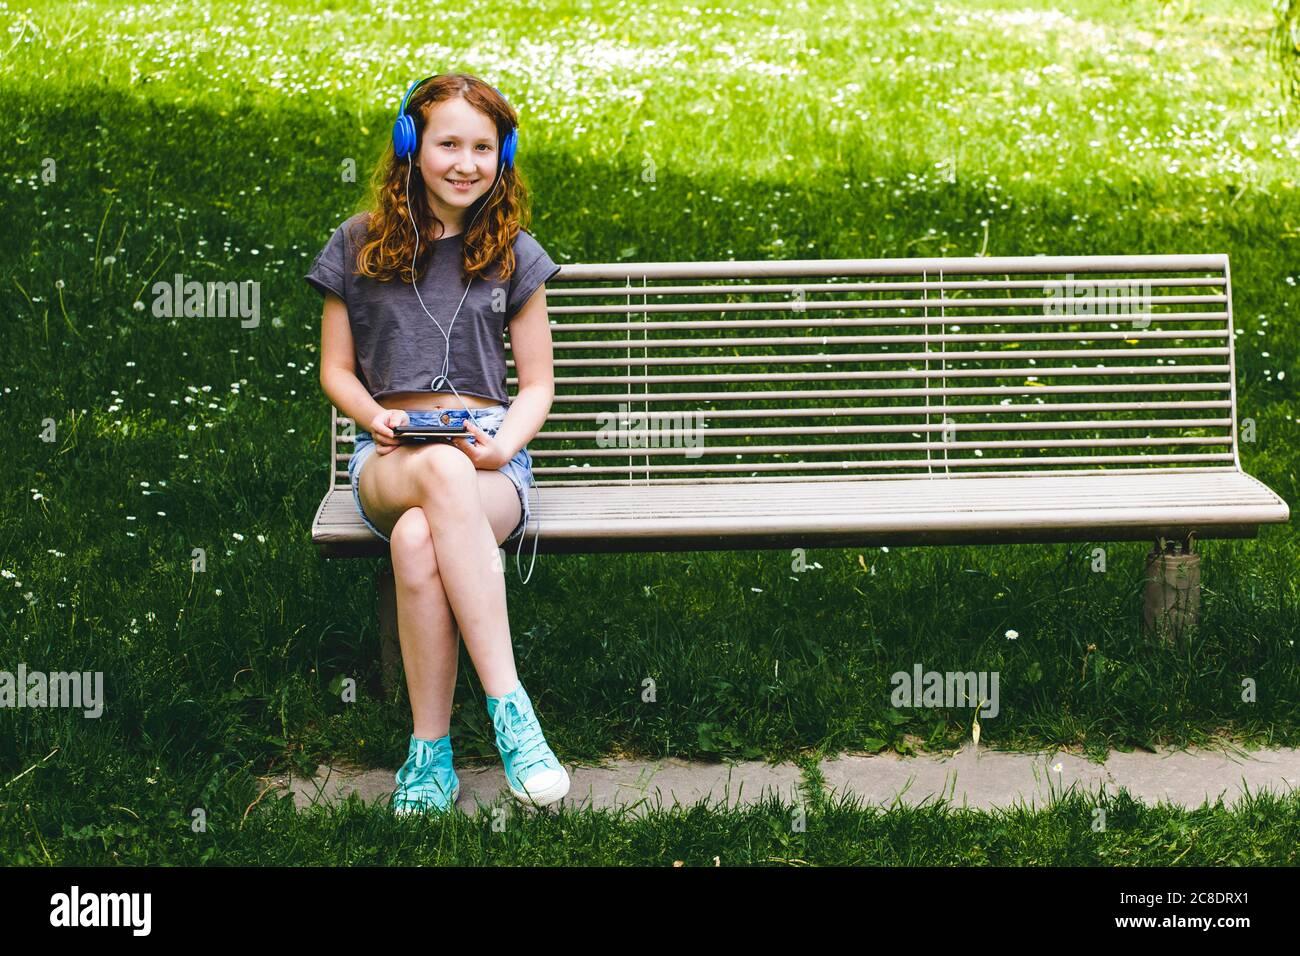 Chica sonriente escuchando música a través de los auriculares mientras se sienta en el banco en el parque Foto de stock